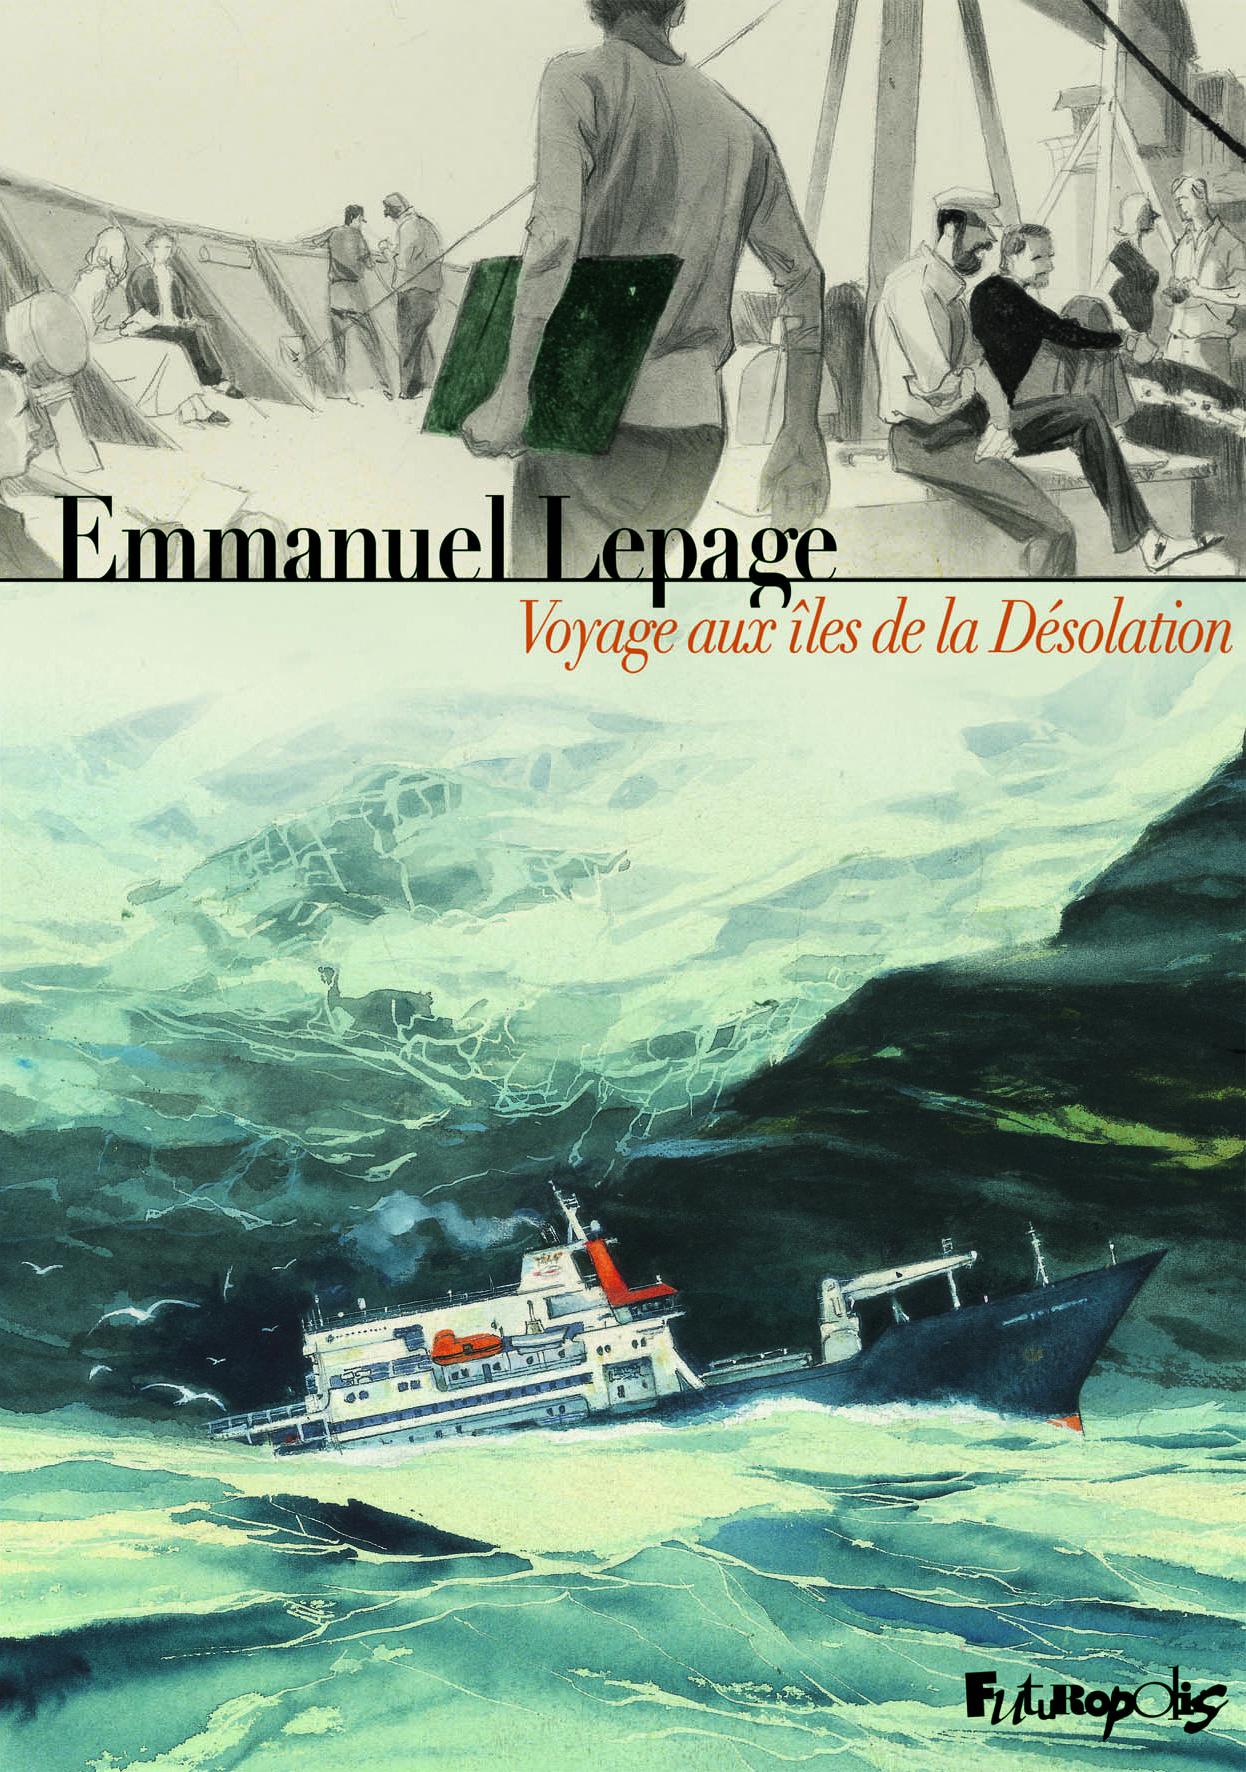 Voyage aux îles de la Désolation 1 - Voyage aux îles de la Désolation